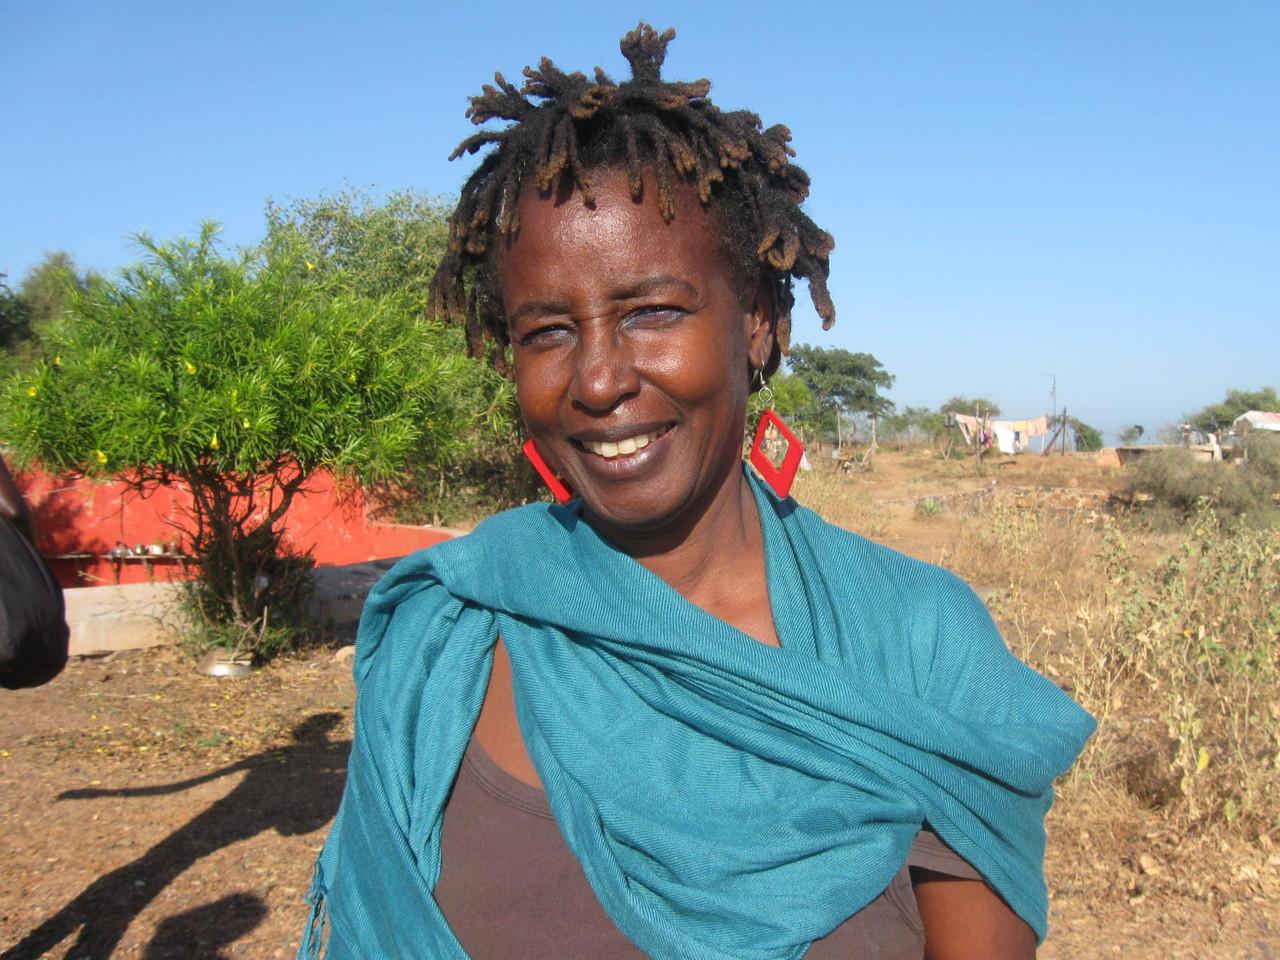 Rencontre gratuite - femmes du Sénégal